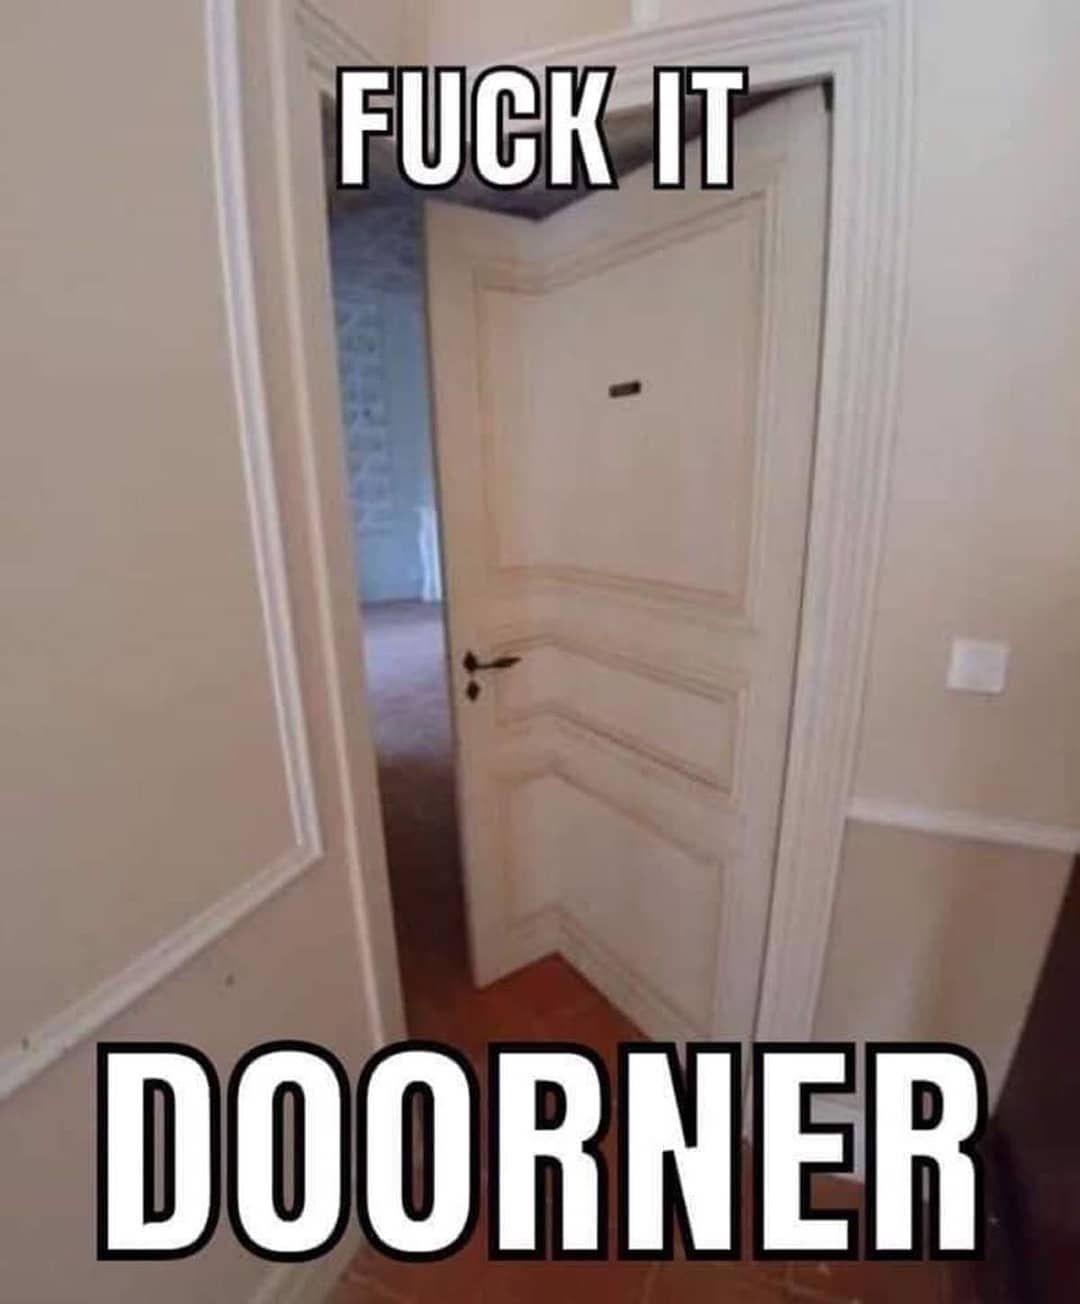 Enter the roomner